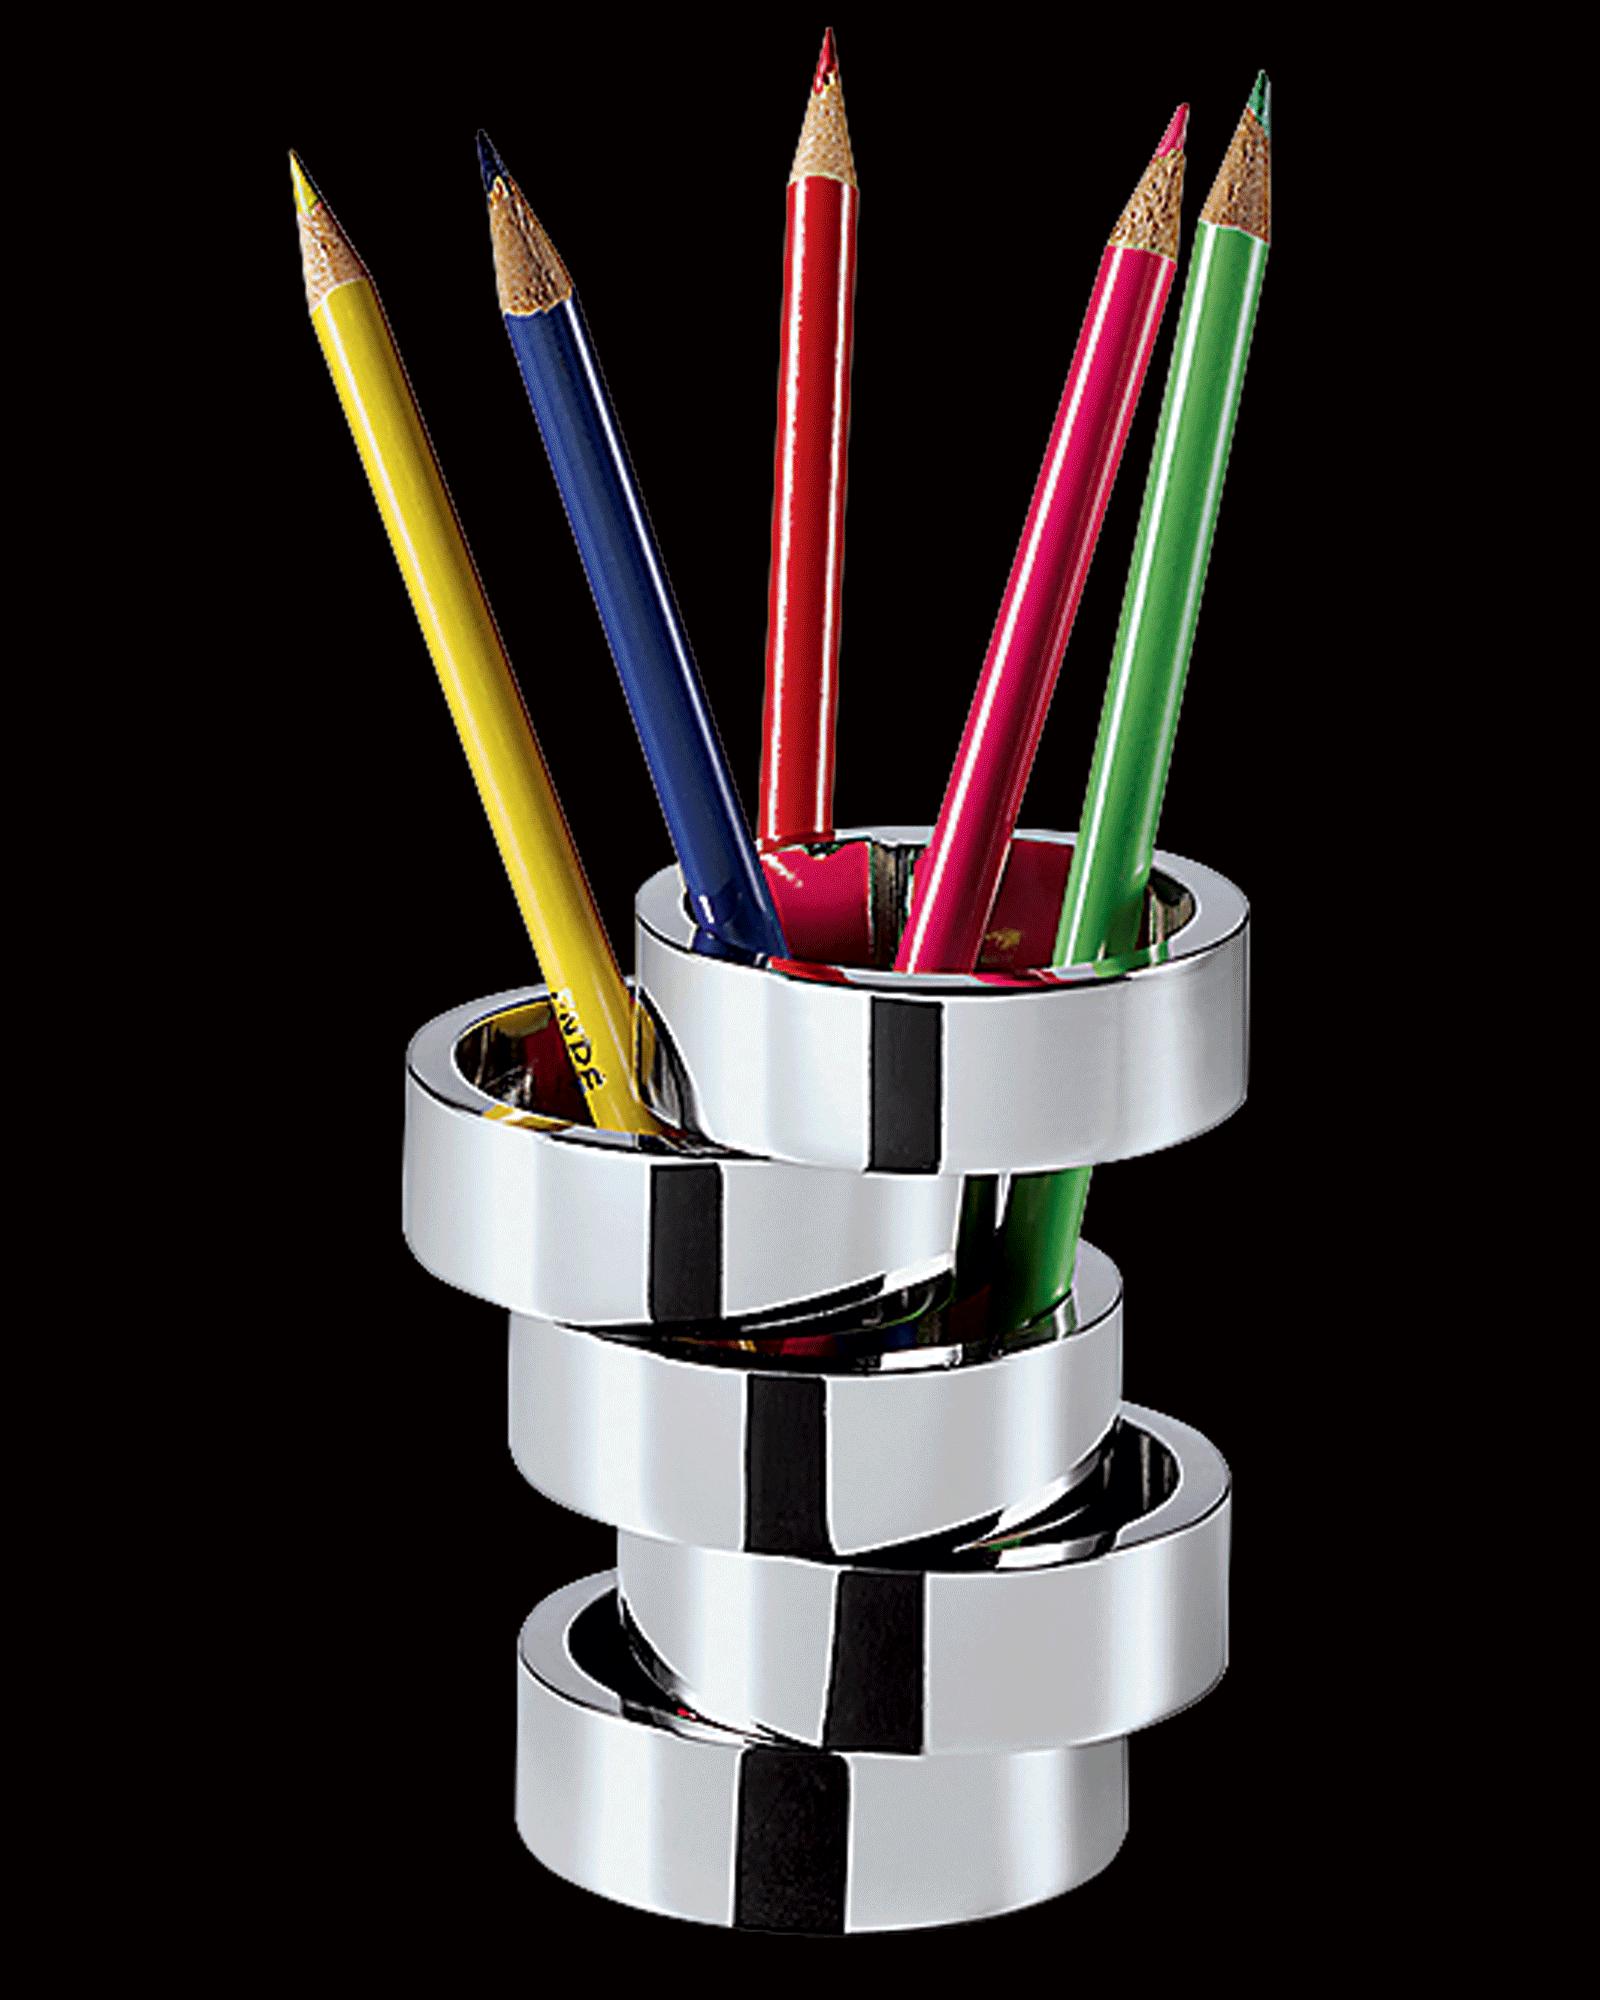 красном картинки подставок для ручек и карандашей мне его естественно